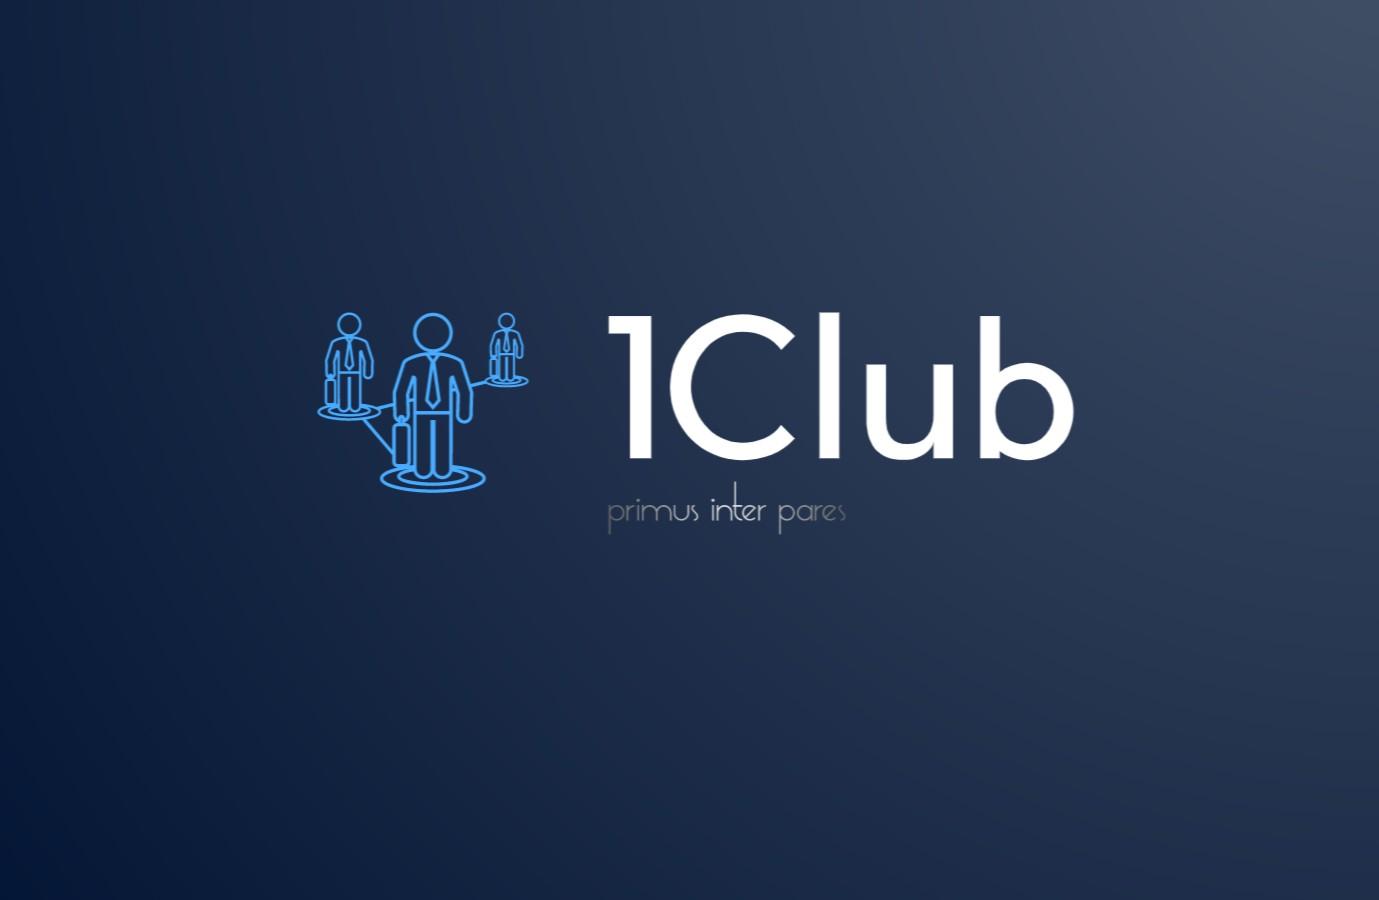 Логотип делового клуба фото f_1995f8878f51d72a.jpg